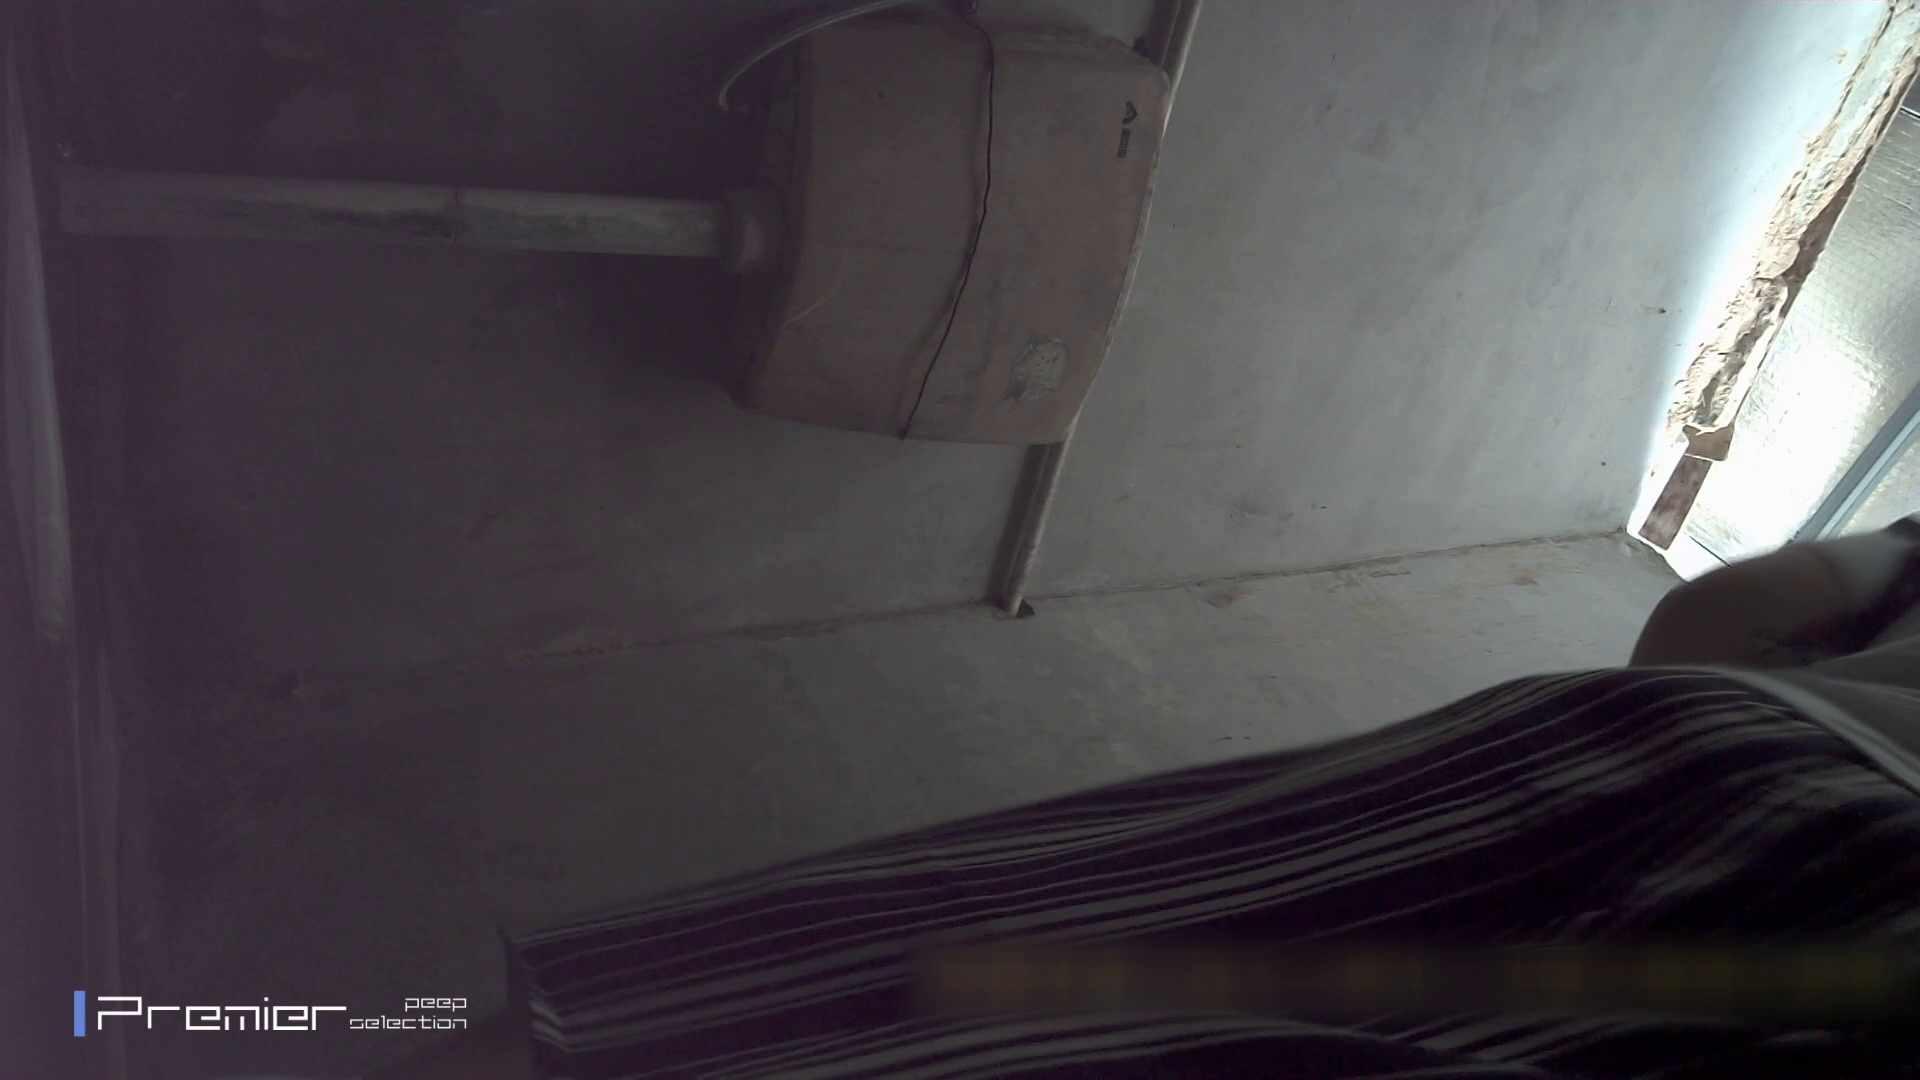 トイレシーンを密着盗撮!! 美女の痴態に密着!Vol.16 トイレのぞき オメコ無修正動画無料 91画像 24